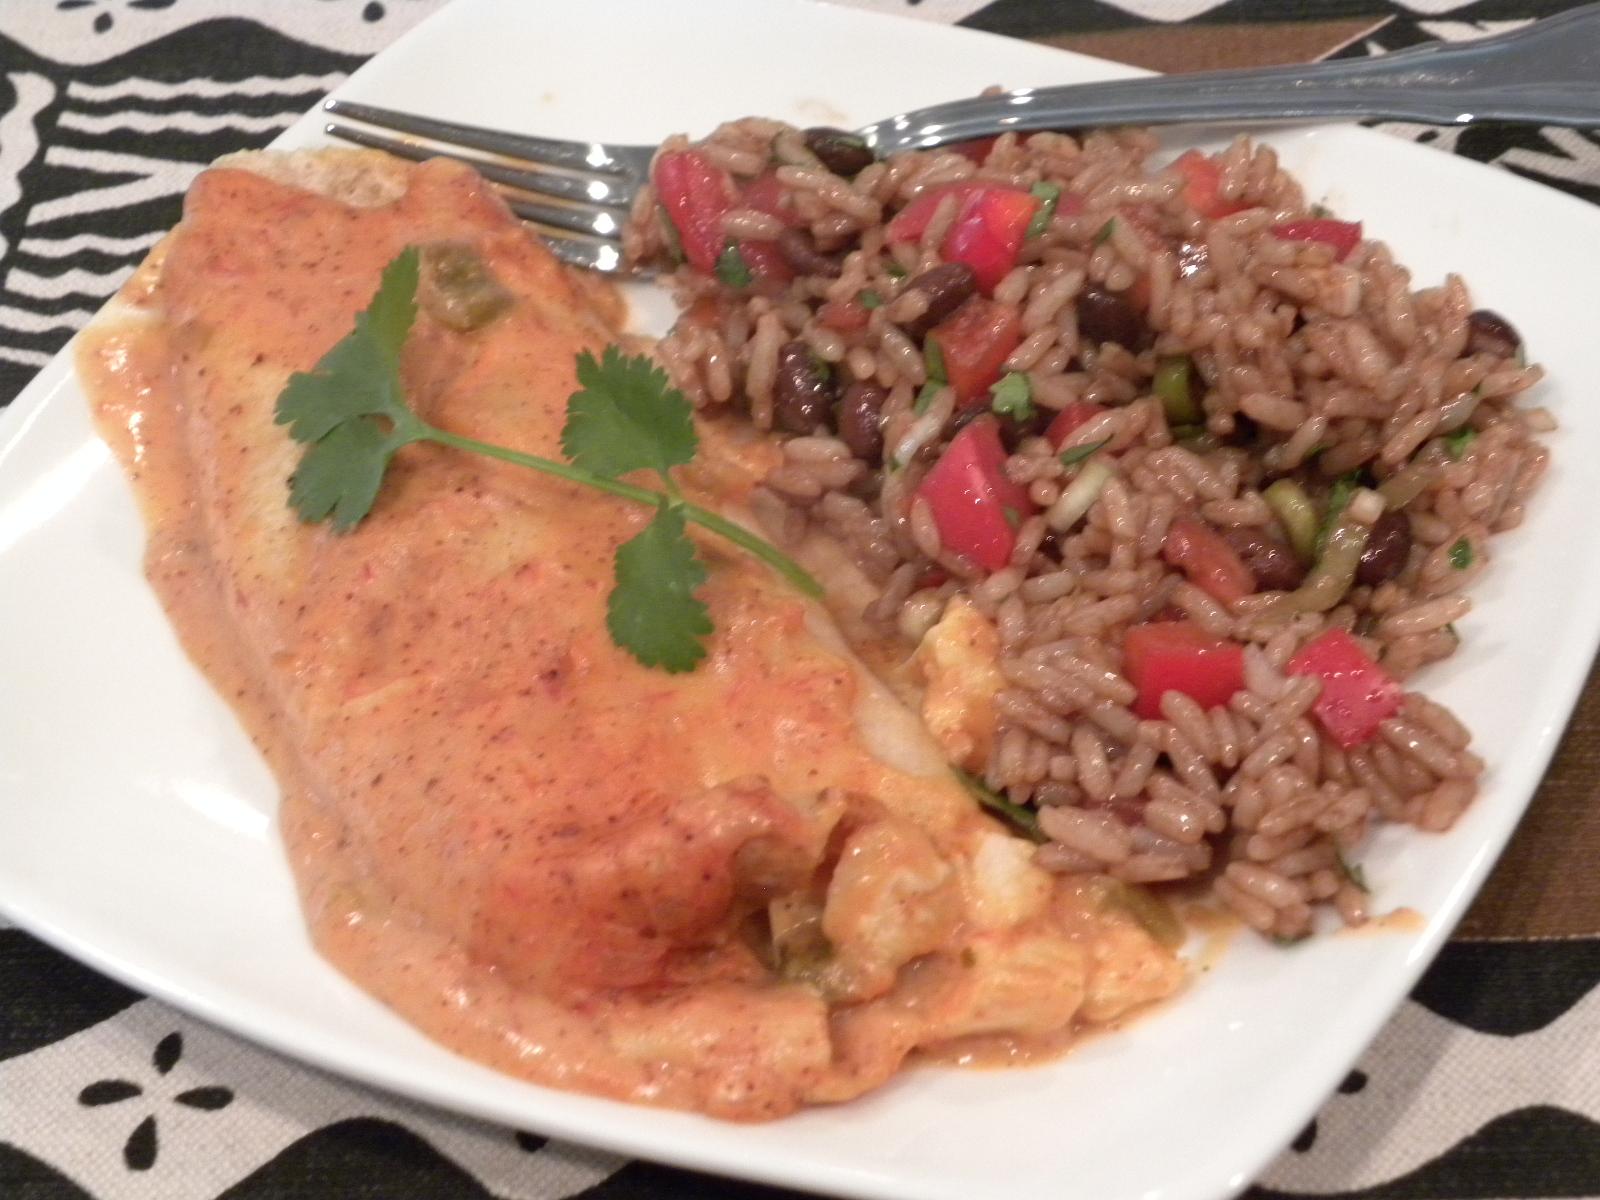 Thai black rice salad recipes - thai black rice salad recipe